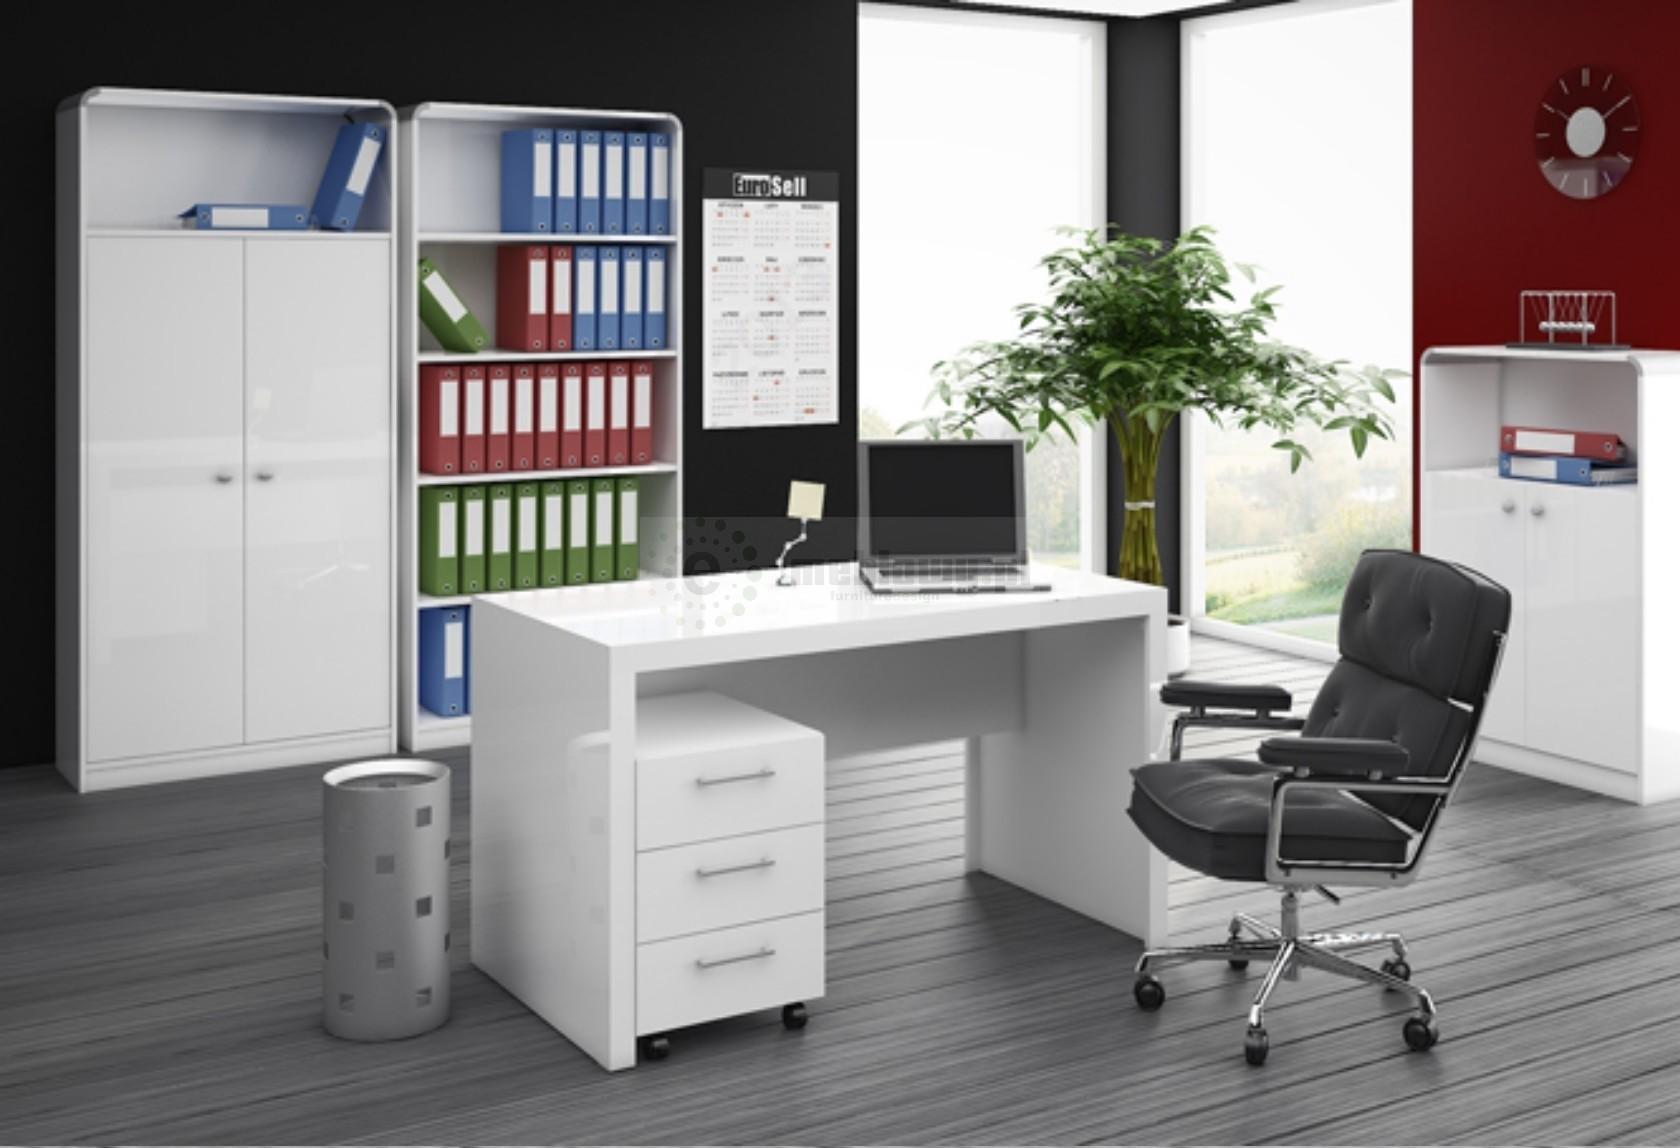 Znalezione obrazy dla zapytania: biurka i fotele biurowe